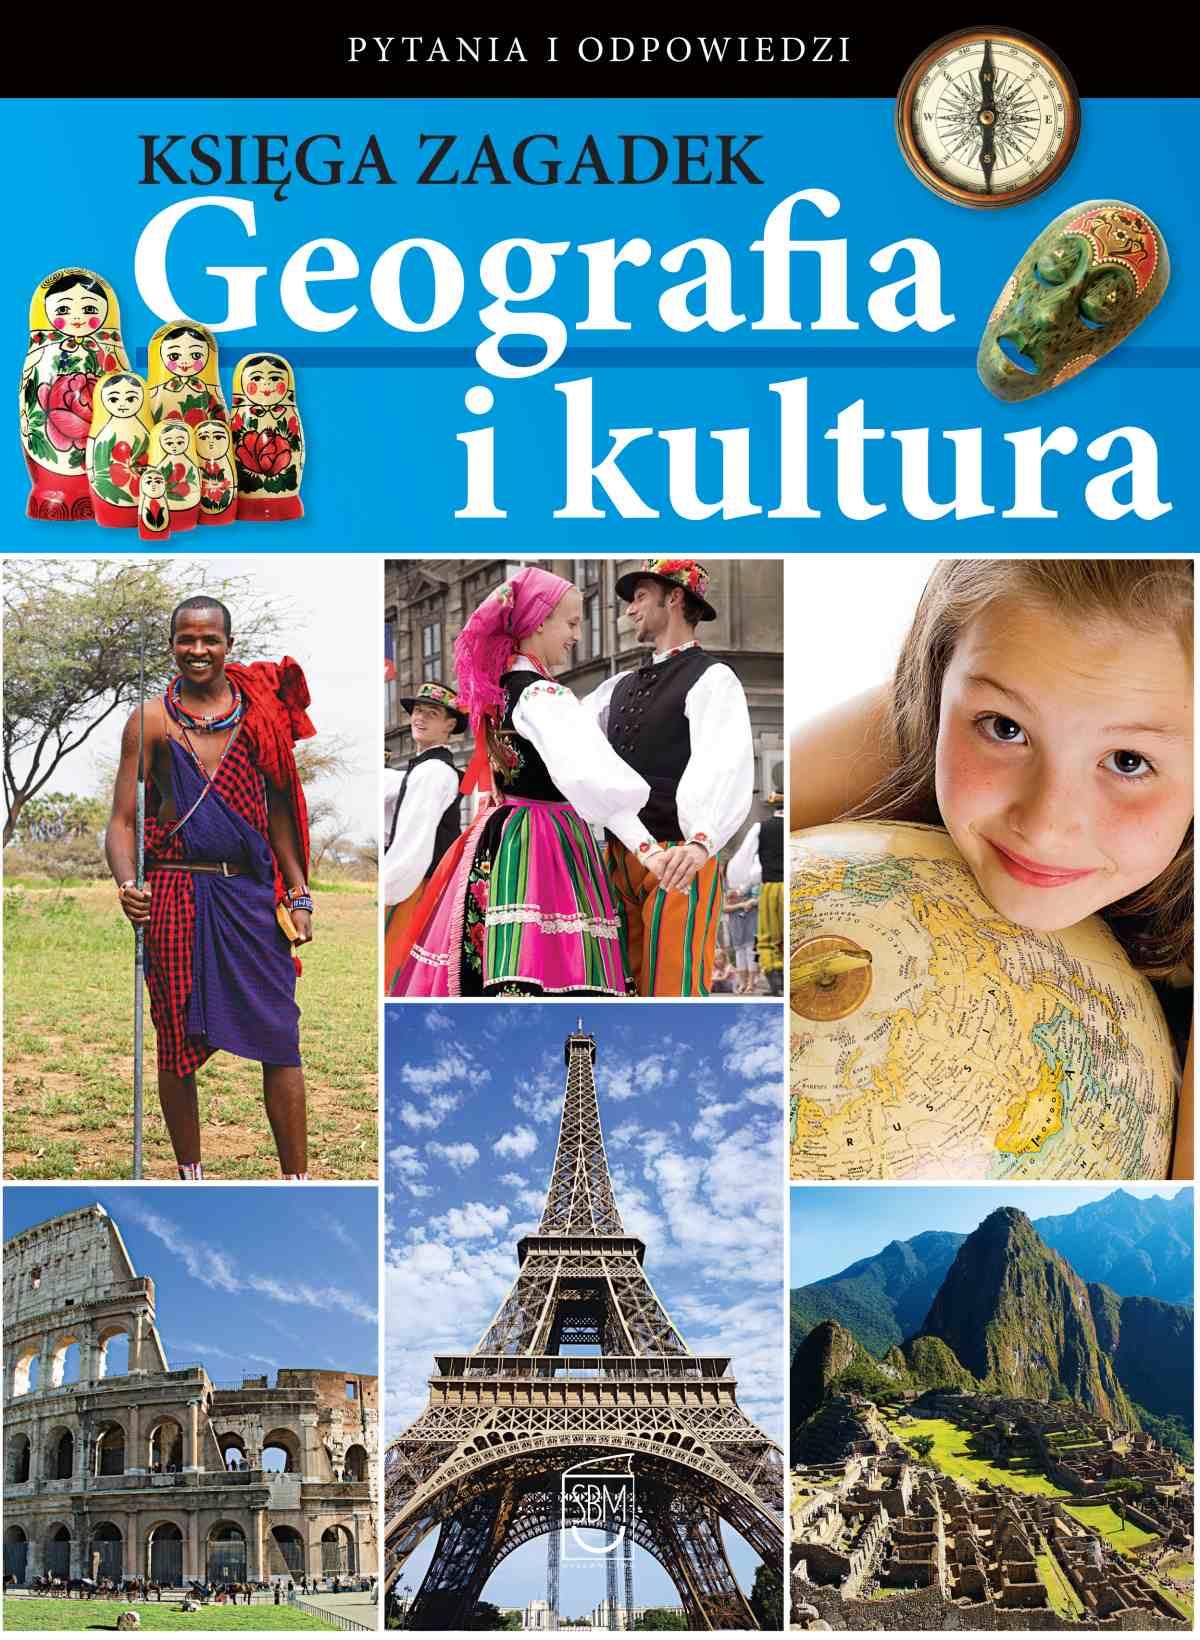 Księga zagadek. Geografia i kultura - Ebook (Książka PDF) do pobrania w formacie PDF